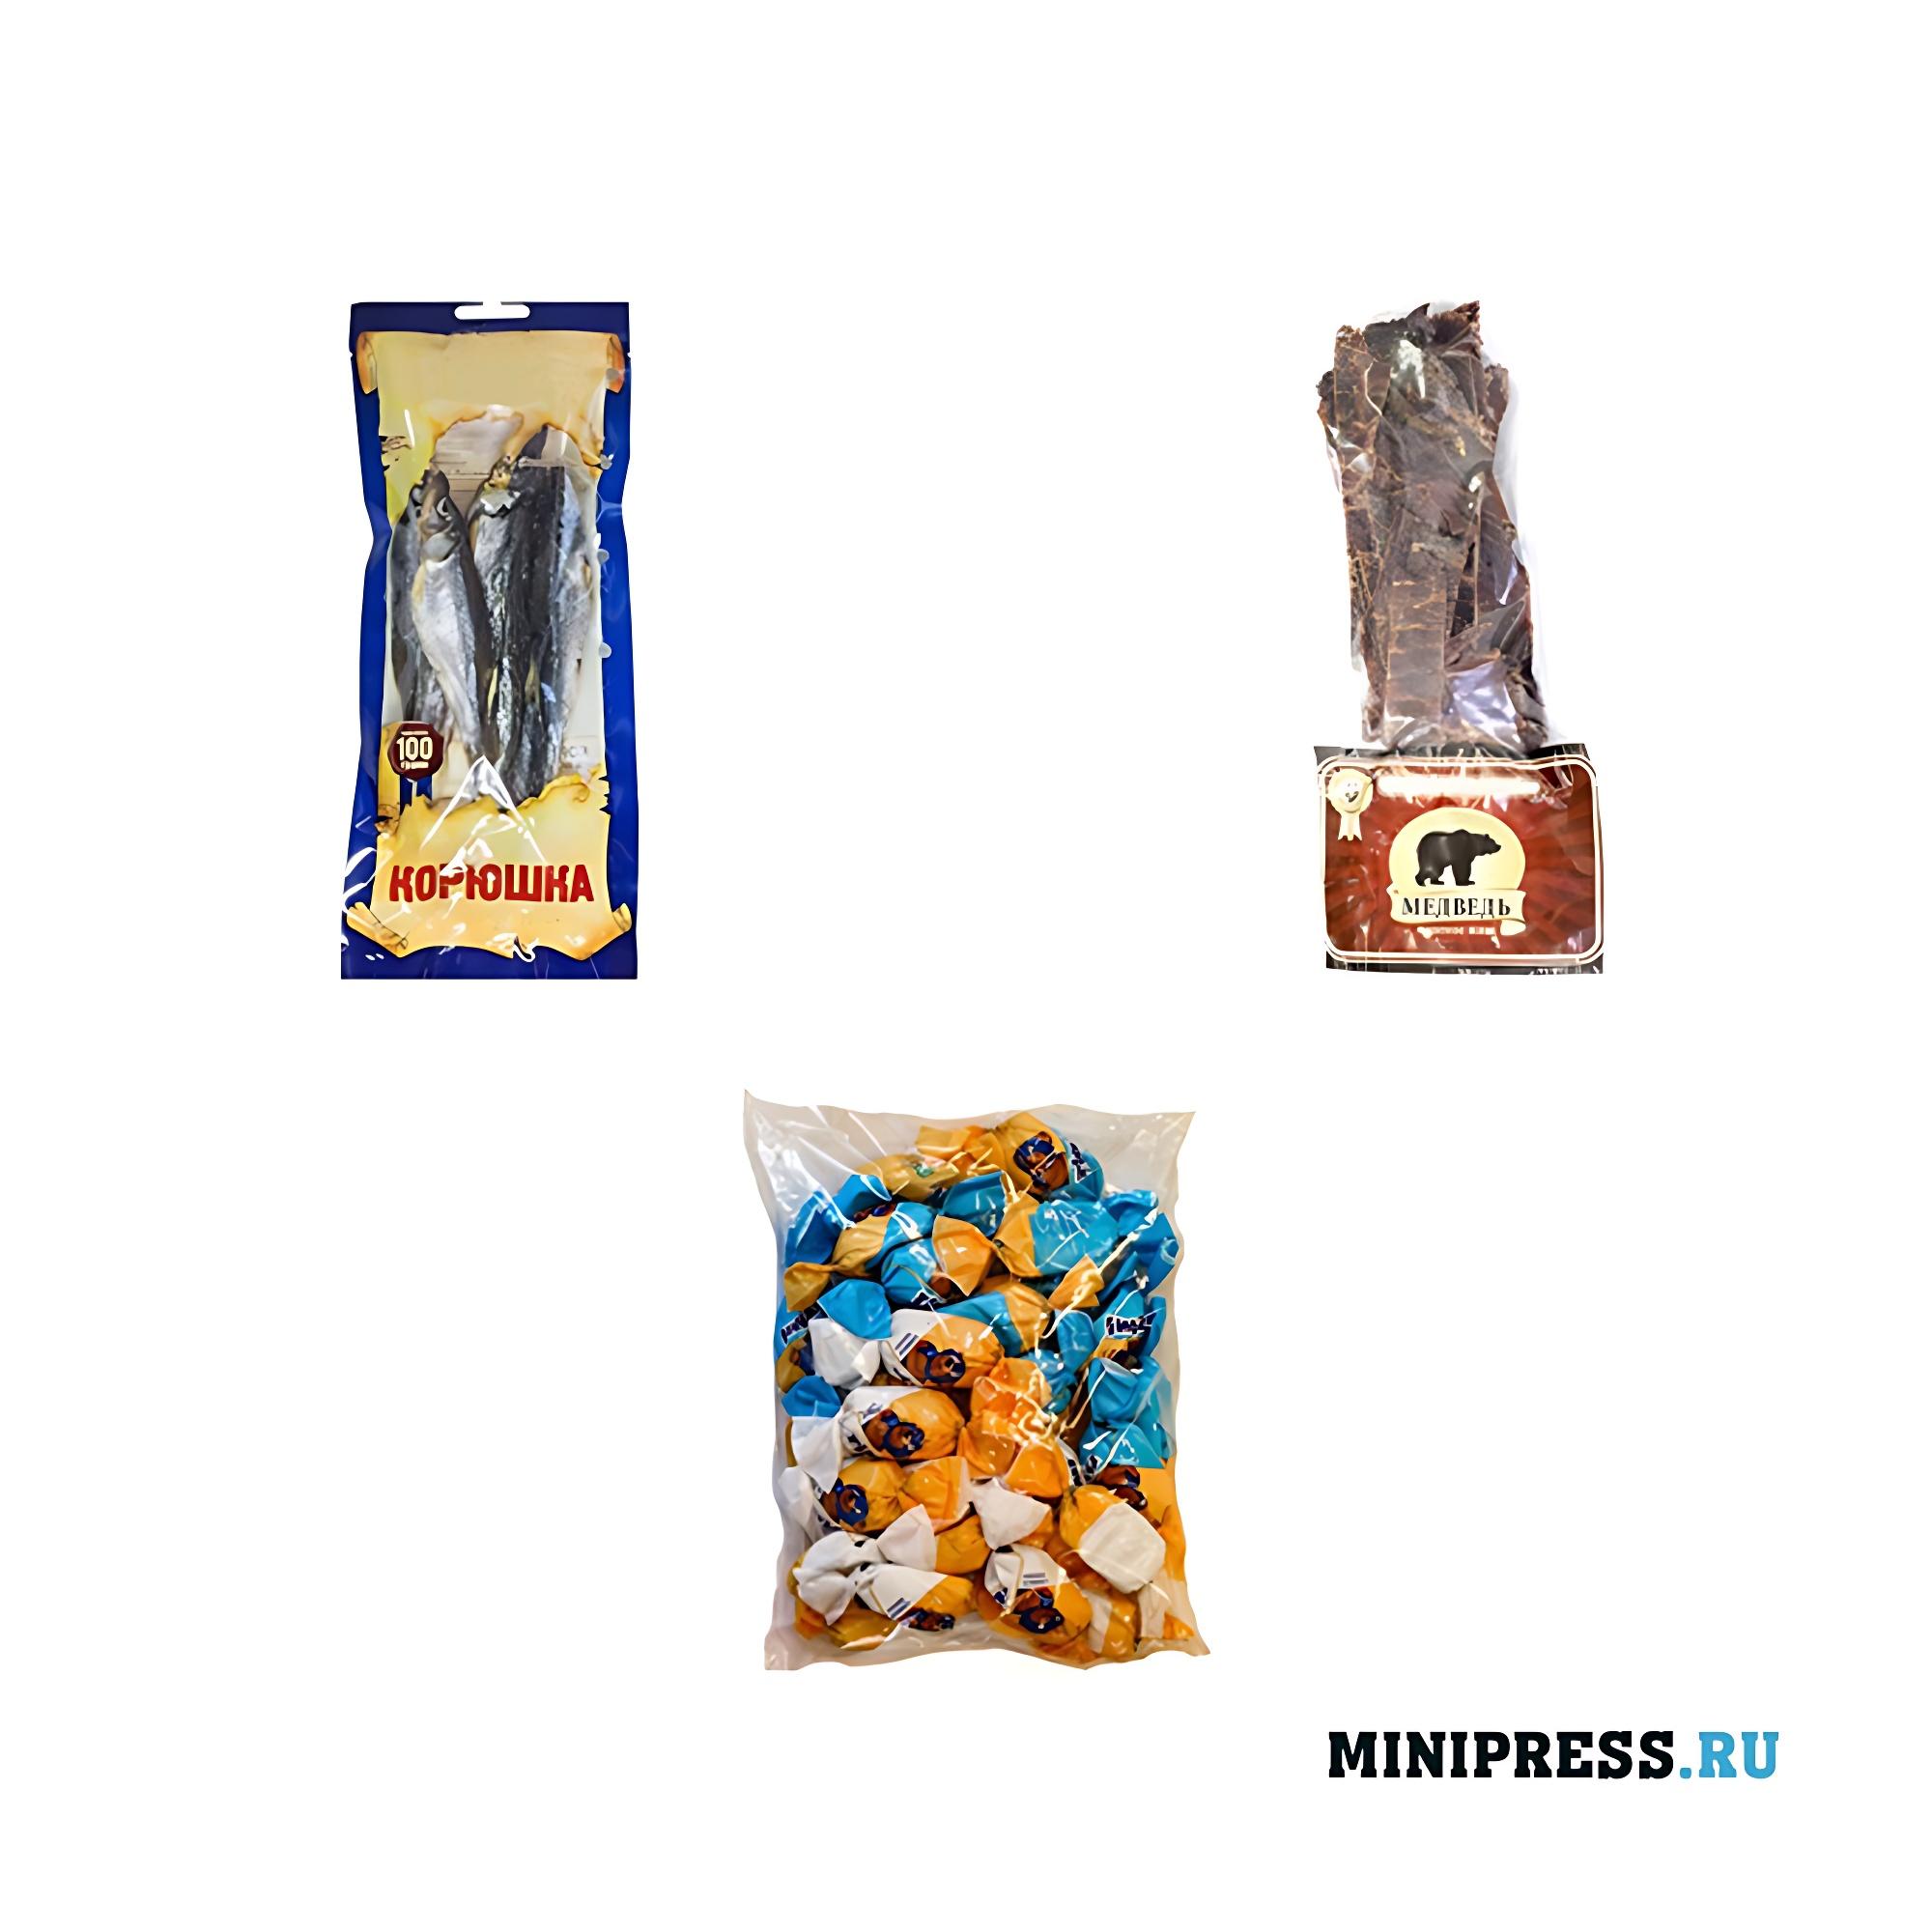 Упакованные продукты неправильной формы